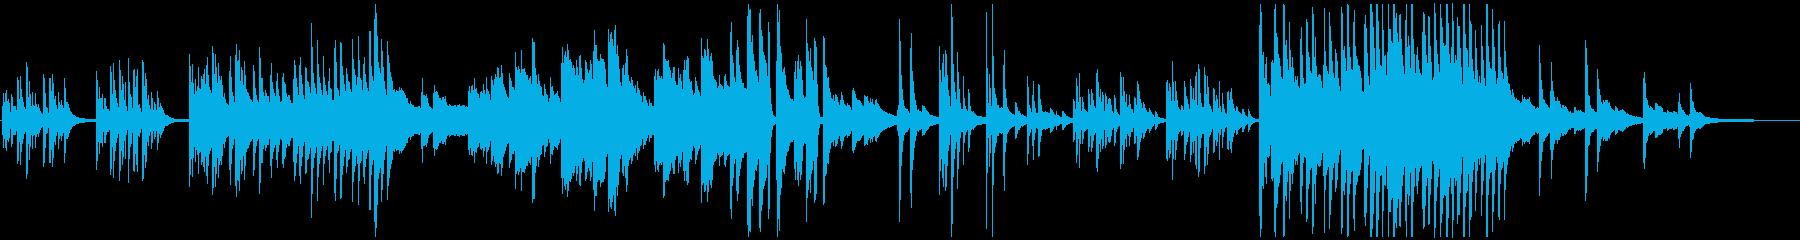 涼しさを感じるピアノソロBGMの再生済みの波形